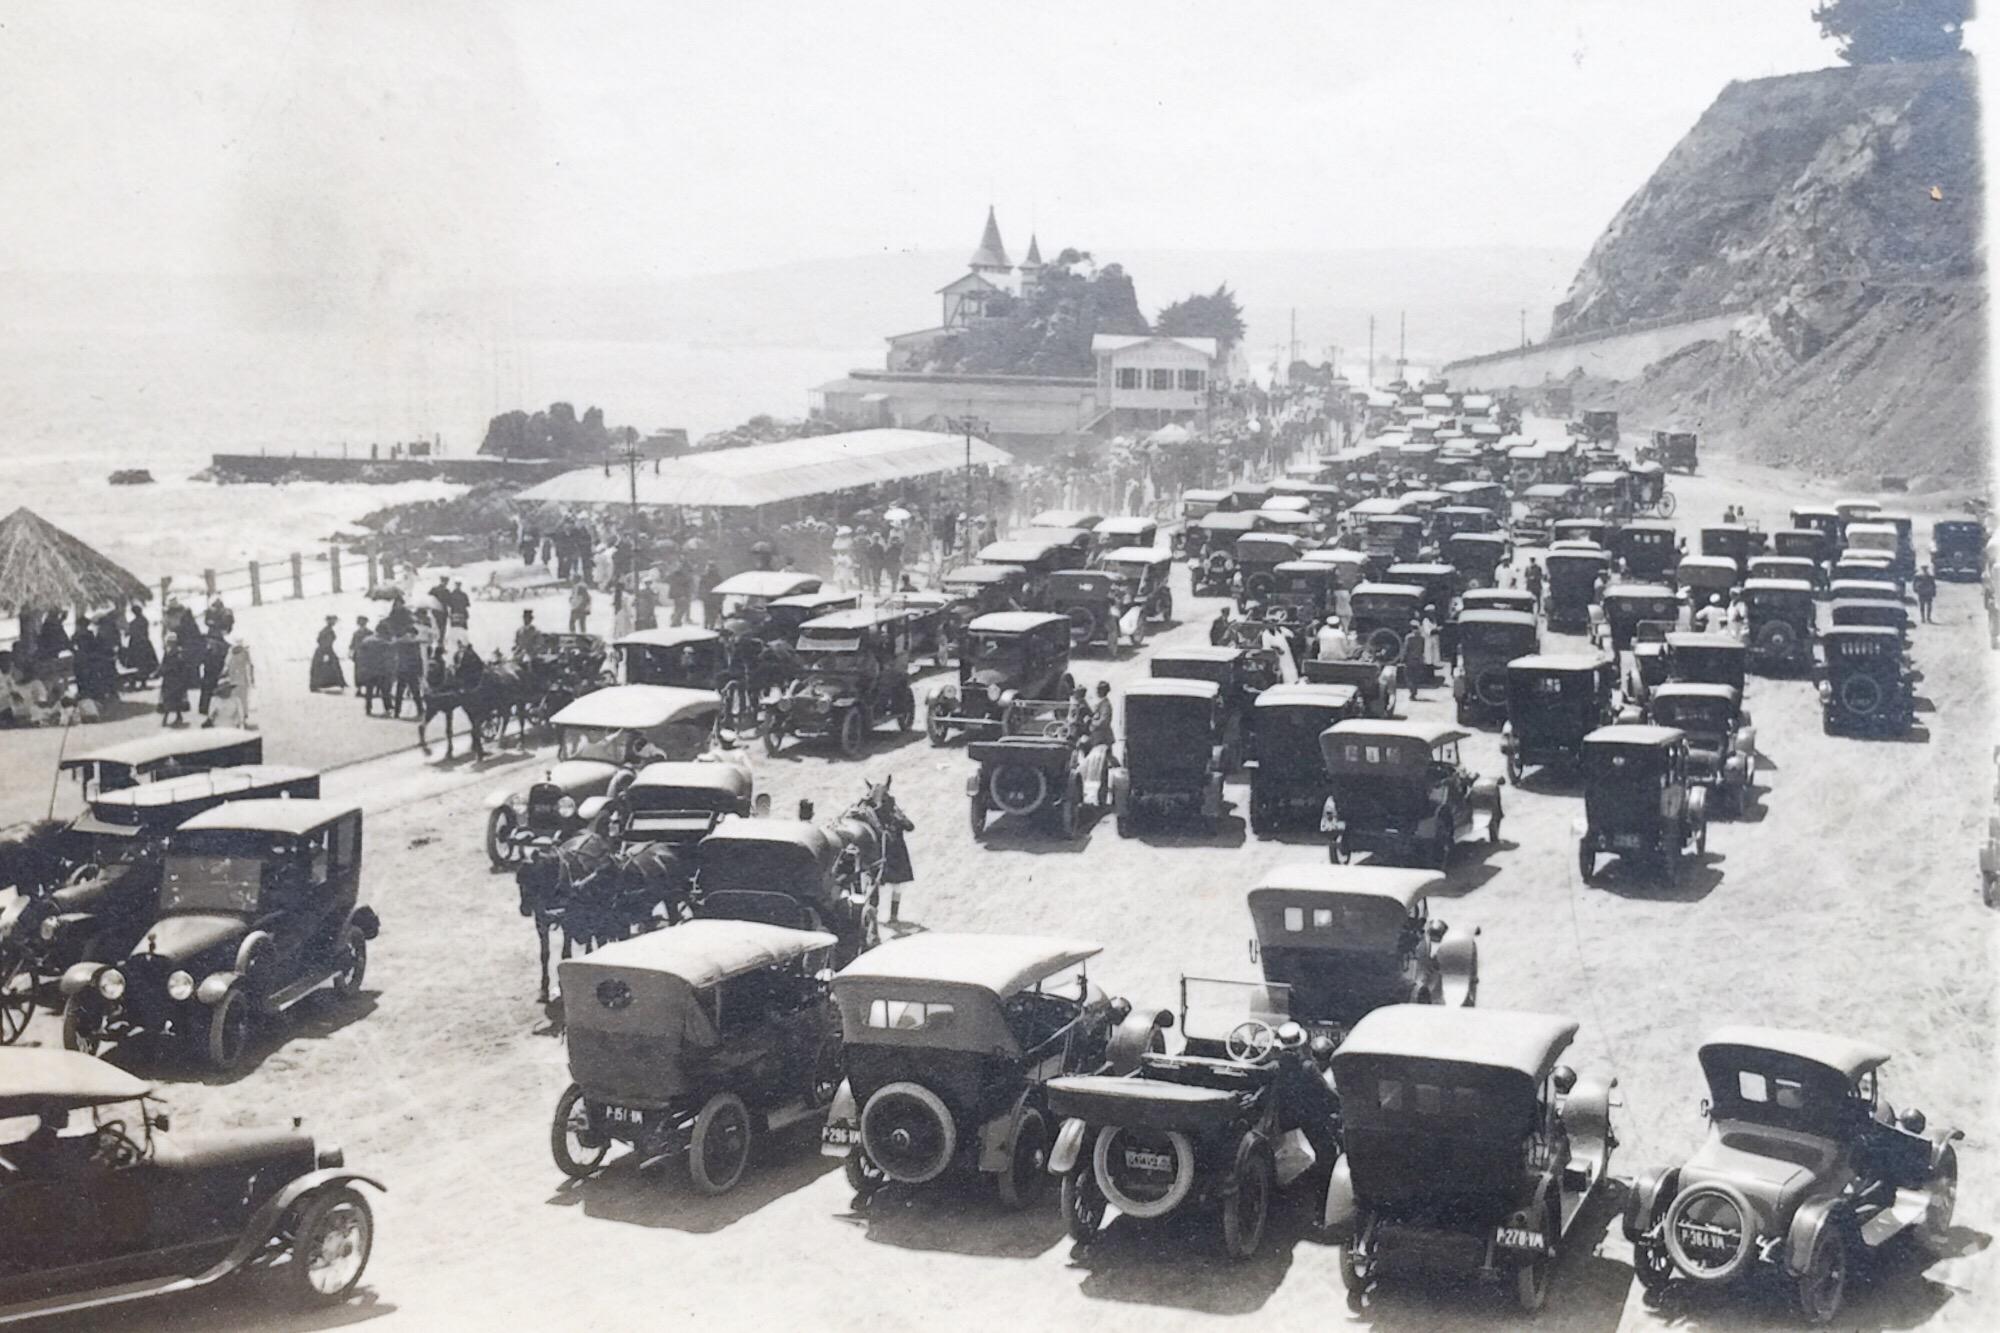 Enterreno - Fotos históricas de chile - fotos antiguas de Chile - Sector miramar de Viña de Mar en 1930